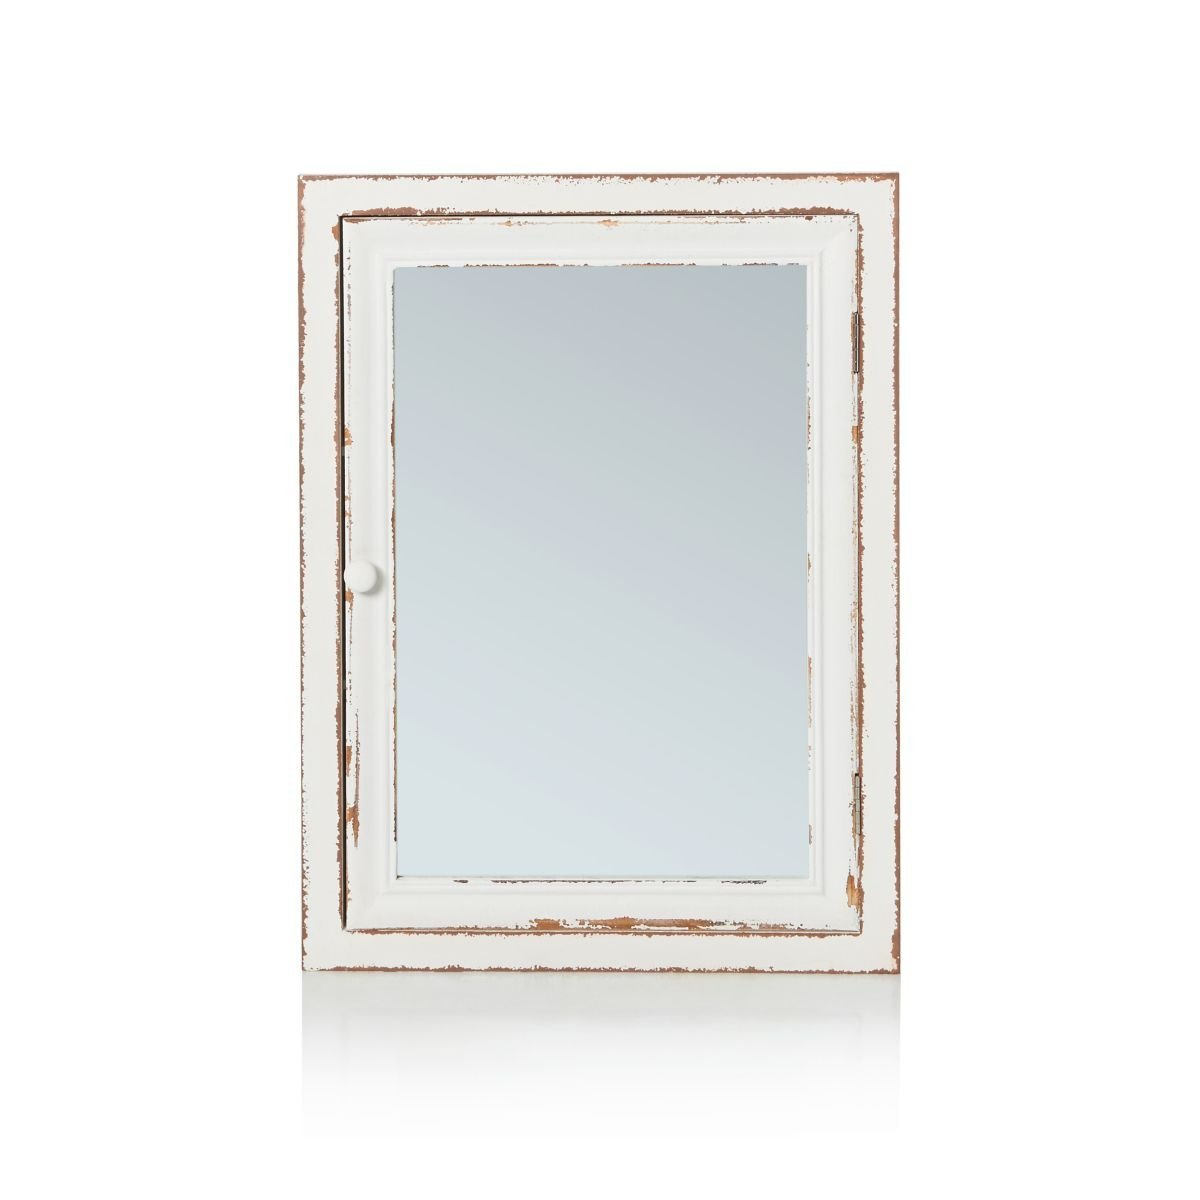 IMPRESSIONEN living Spiegelschrank Holz Shabby Chic Vintage Look Weiß